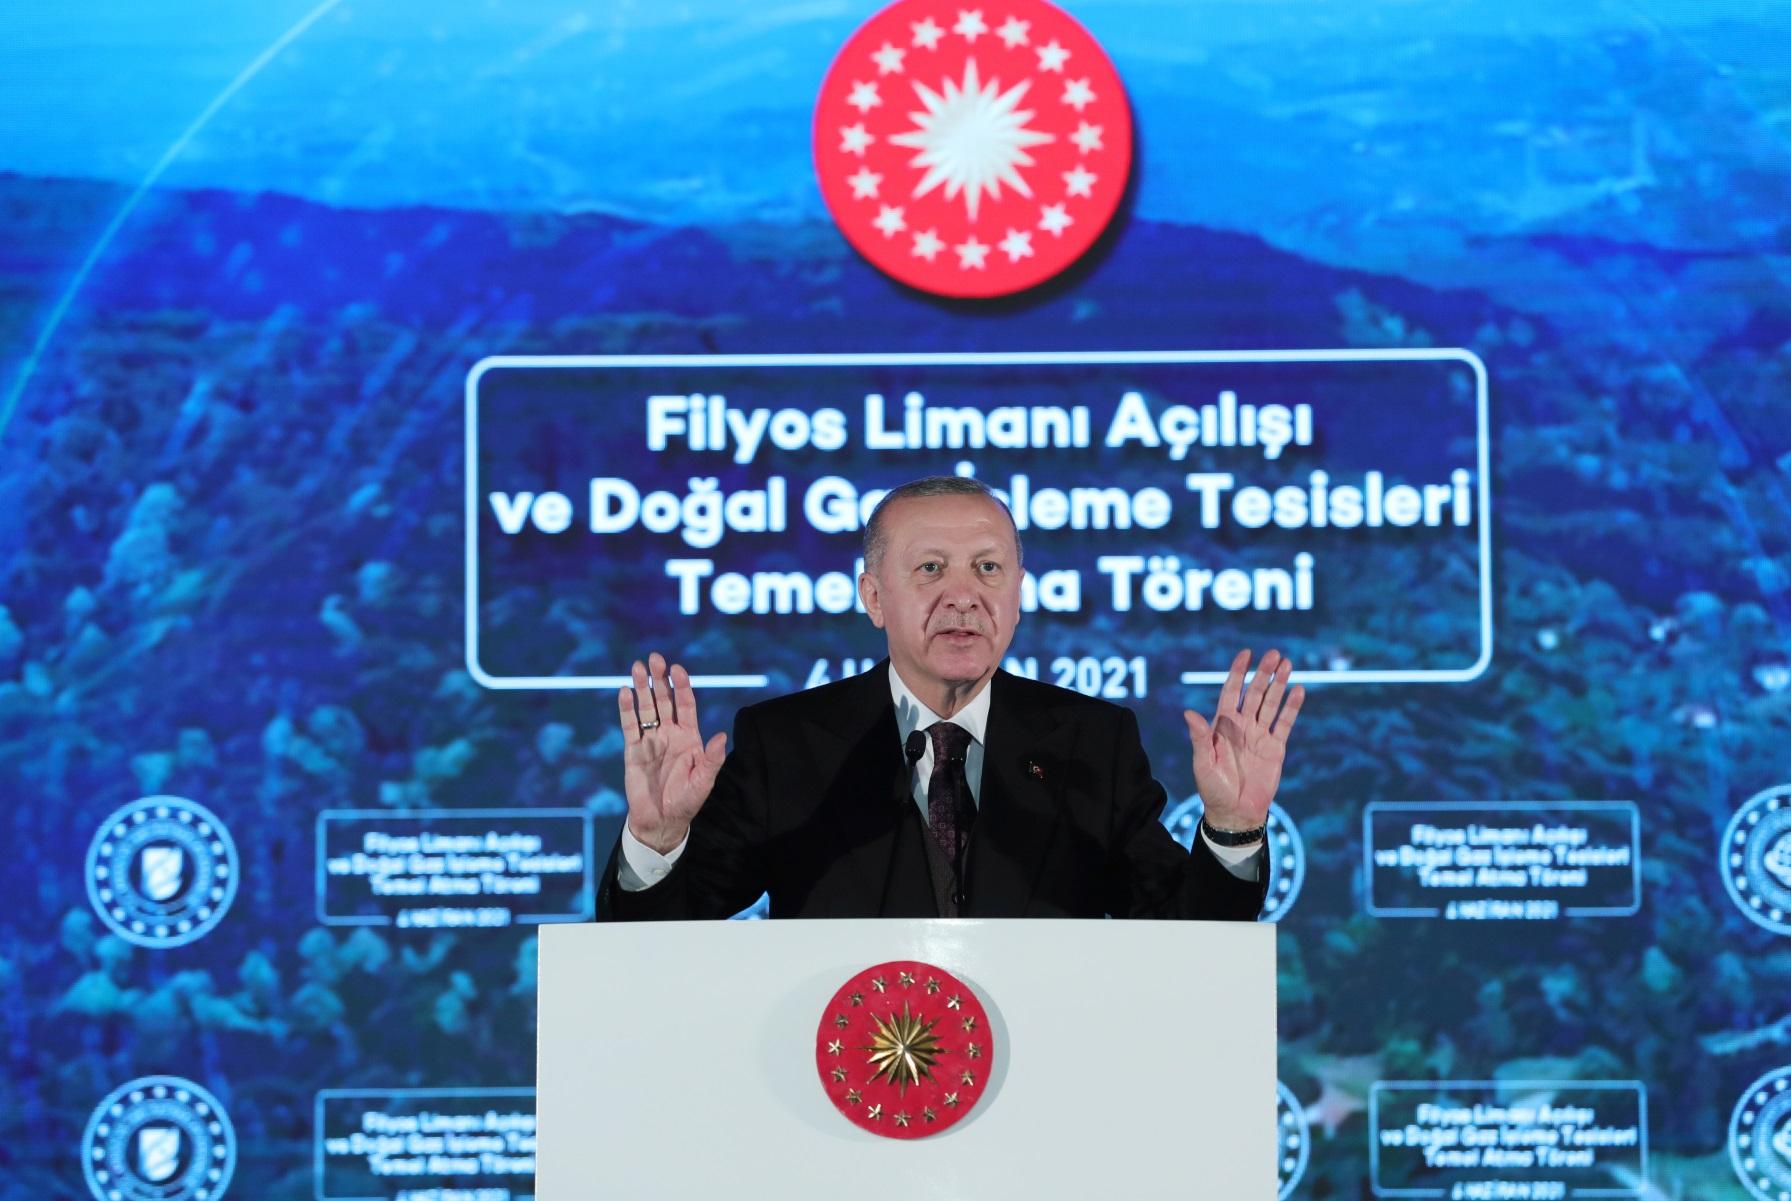 Ο Ερντογάν «απαντά» στις ΗΠΑ: Δεν θα υποχωρήσω στον Μπάιντεν